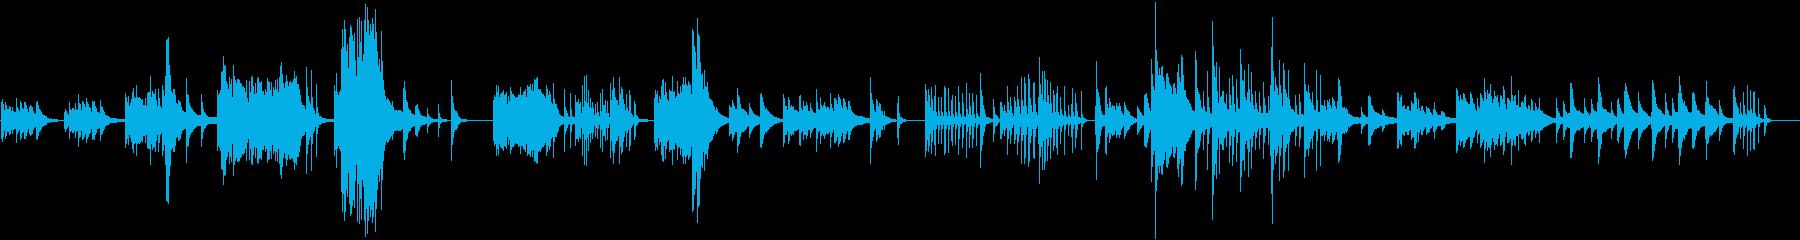 心が揺れ動くようにドラマチックなハープの再生済みの波形